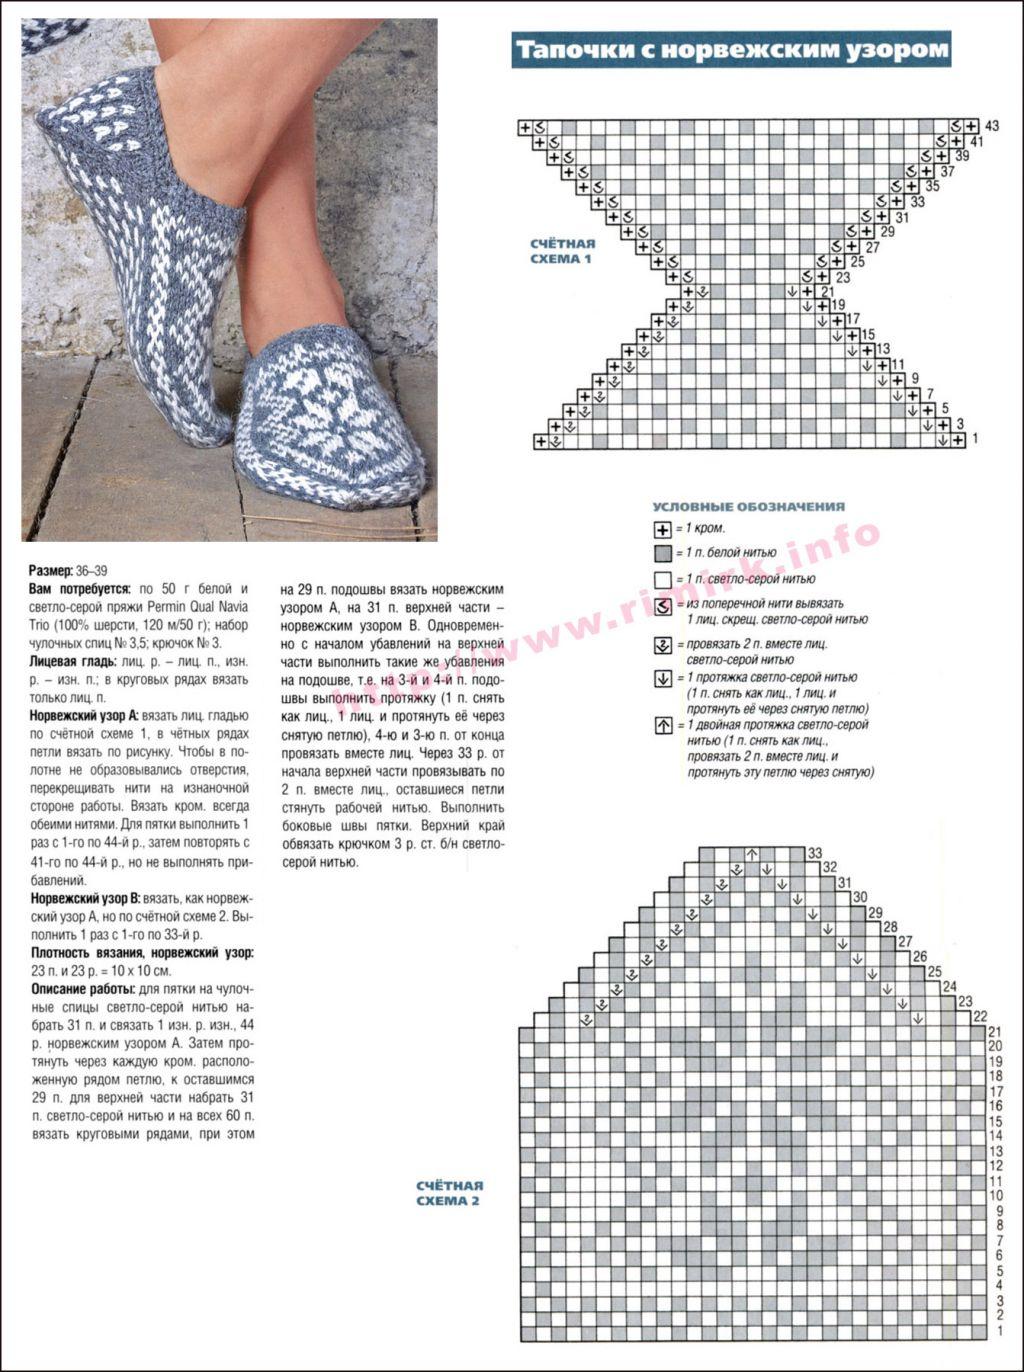 Псориатический артрит схема лечения